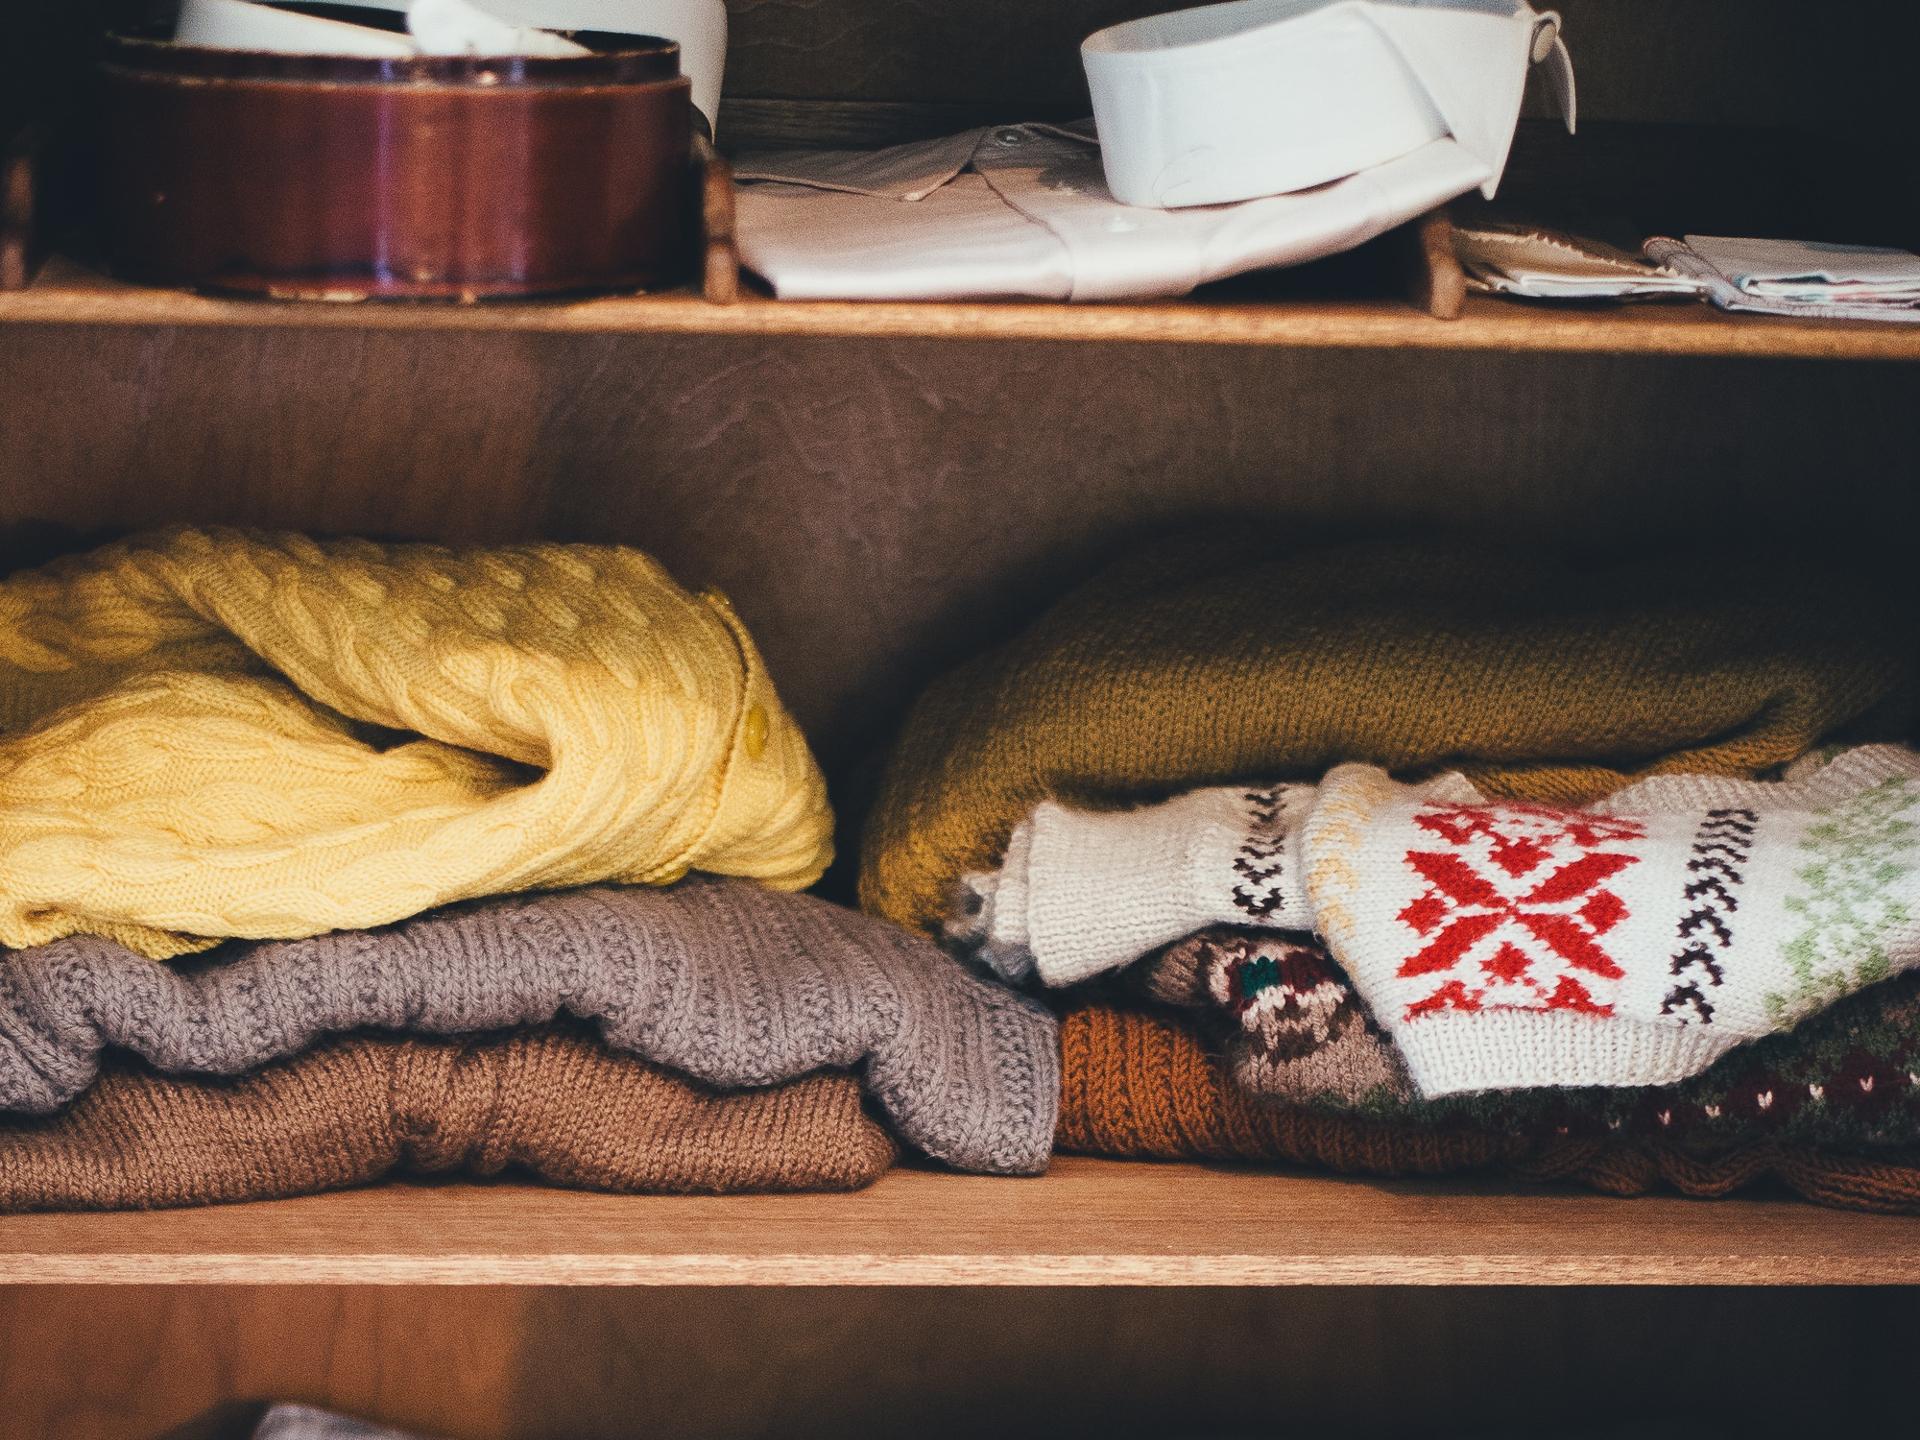 Es ist oft sehr überraschend, was man alles im eigenen Kasten für Schätze findet. Auch Wintermäntel könnten darunter sein. - Photocredit: pixabay.com/Pexels